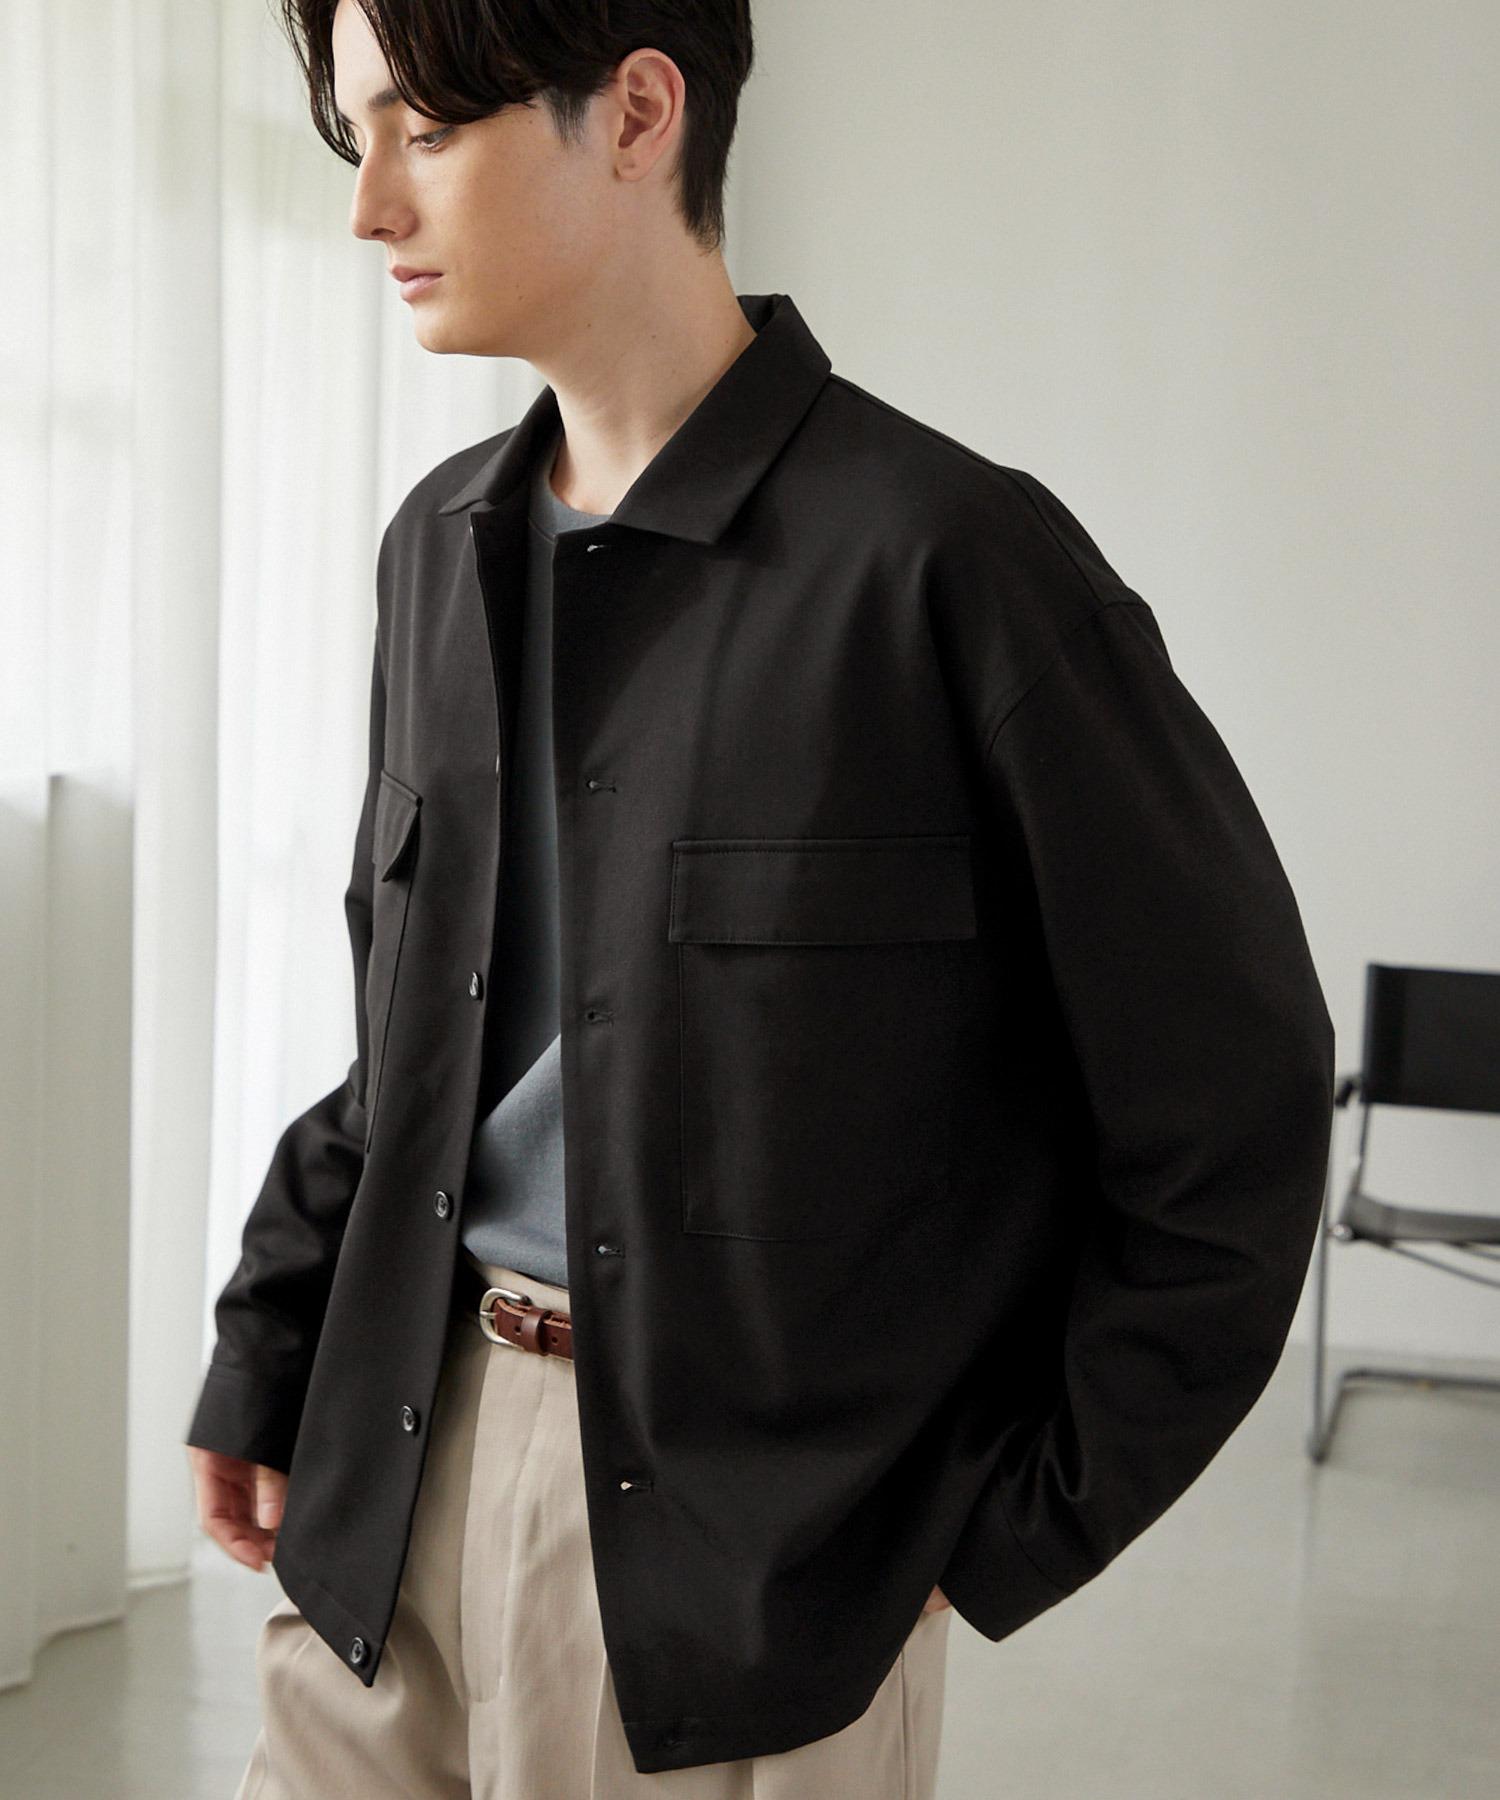 TRストレッチ スーツ地 オーバーサイズ CPO シャツ ジャケット/ドレープCPOシャツJKT